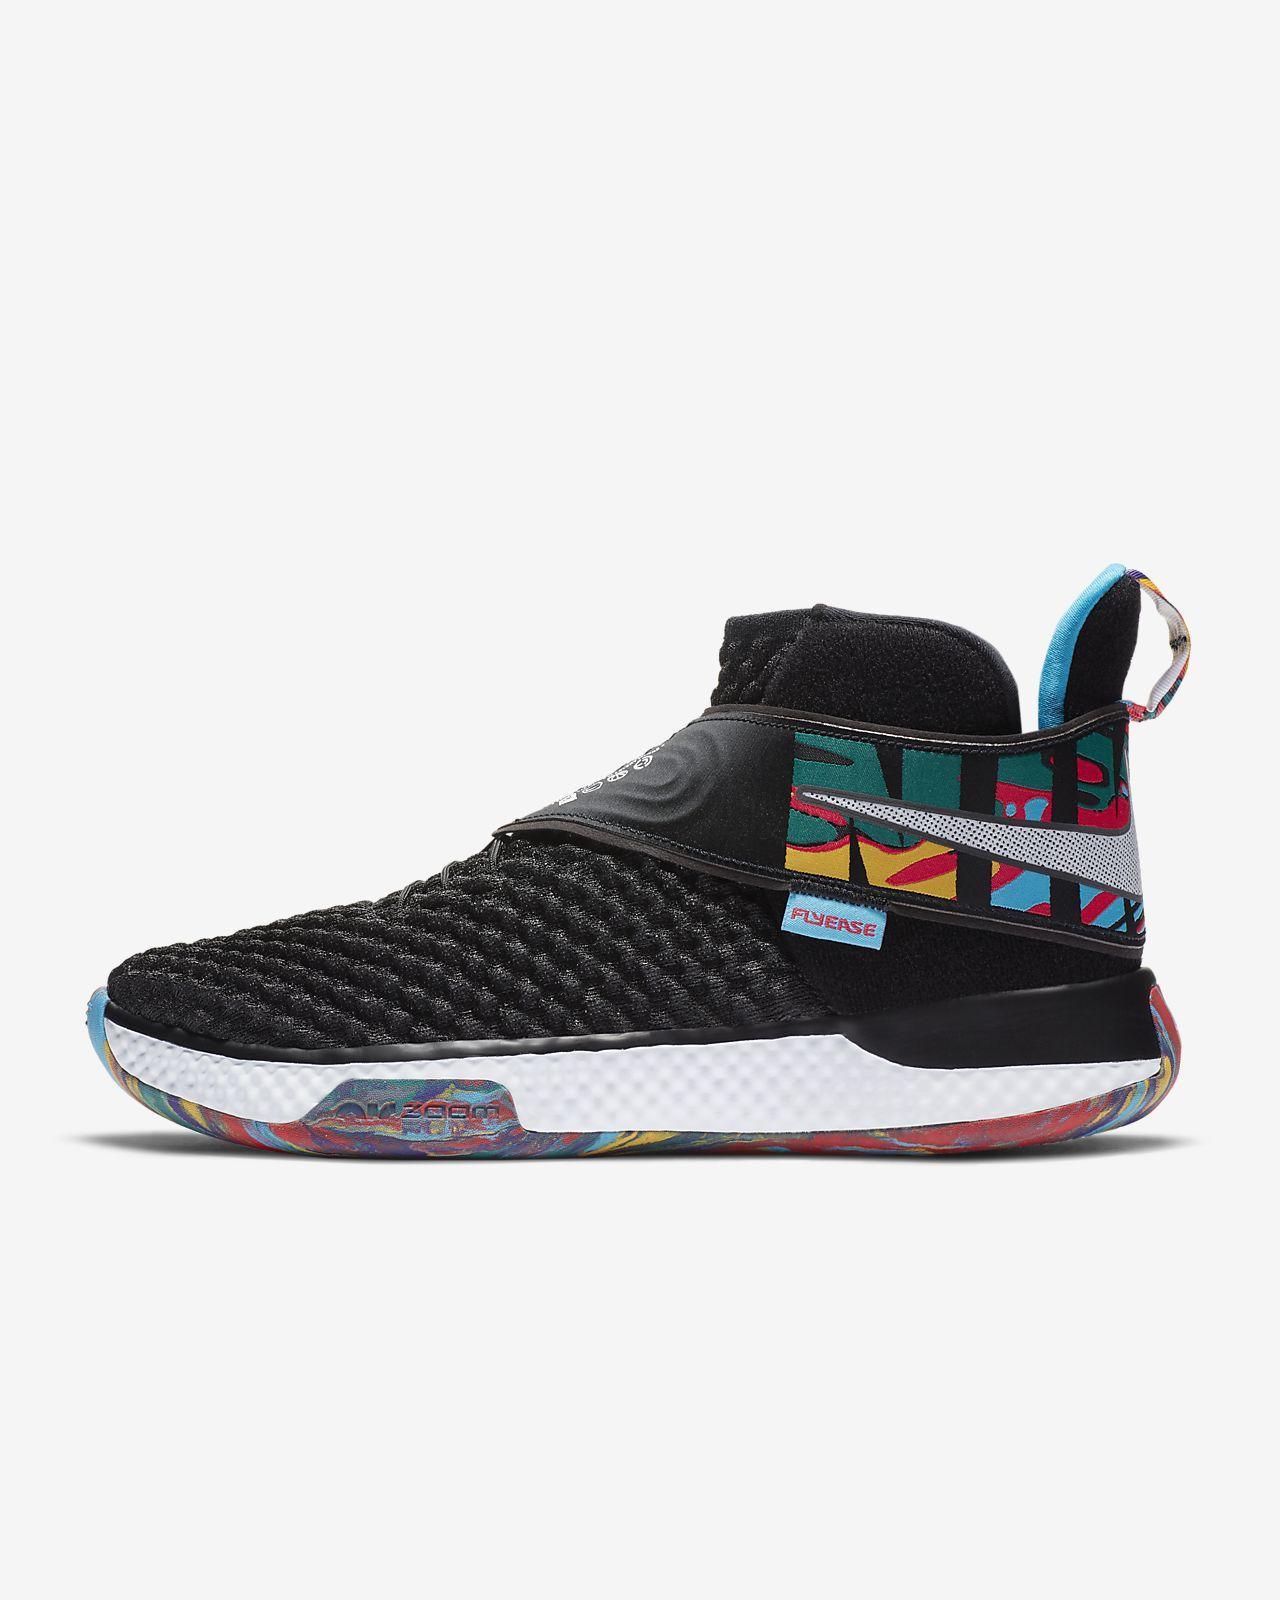 รองเท้าบาสเก็ตบอล Nike Air Zoom UNVRS FlyEase